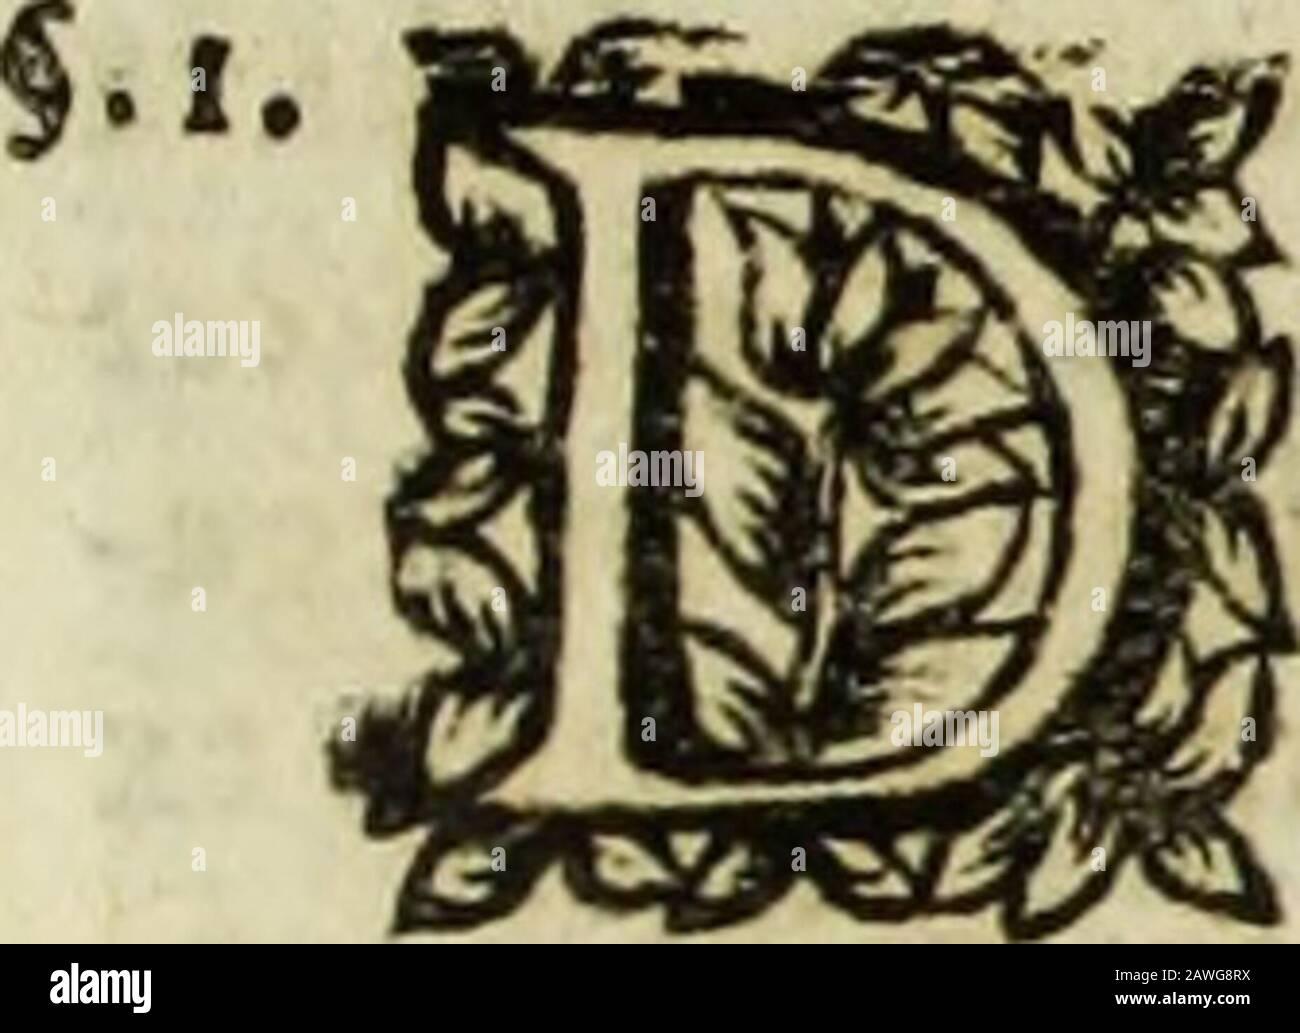 R.P.DAntoninus Diana Panormitanus ..Coordinatus, seu, Omnes resolutiones morales : eius ipsissimis verbis ad propria loca, & materias fideliter dispositae, ac distributae .. . DECISIONES NOVISSIMyE S AC KJE ROT£ ROMANI Qu&indiuerfis Tra&atibus a P. Dianaaduocat* funtjngratiam ftudtojorum per extenfum tmpreff.. DECI SIO PRIMA Shcya Rot& Romanx coram R. p. CoccinoDecano. Barchinonen. exemptionis. Lttn& io. funij 1656. V b 1 T A v 1 pt° qLiibus tebus (ltprxftanda exemptio Capitulo,& quo-modo in cafu, & ad eftcdtum de quoagitur. Et Domini cenfueuint eflediftinguendum inter bona feparabi-lia j hoc Stock Photo